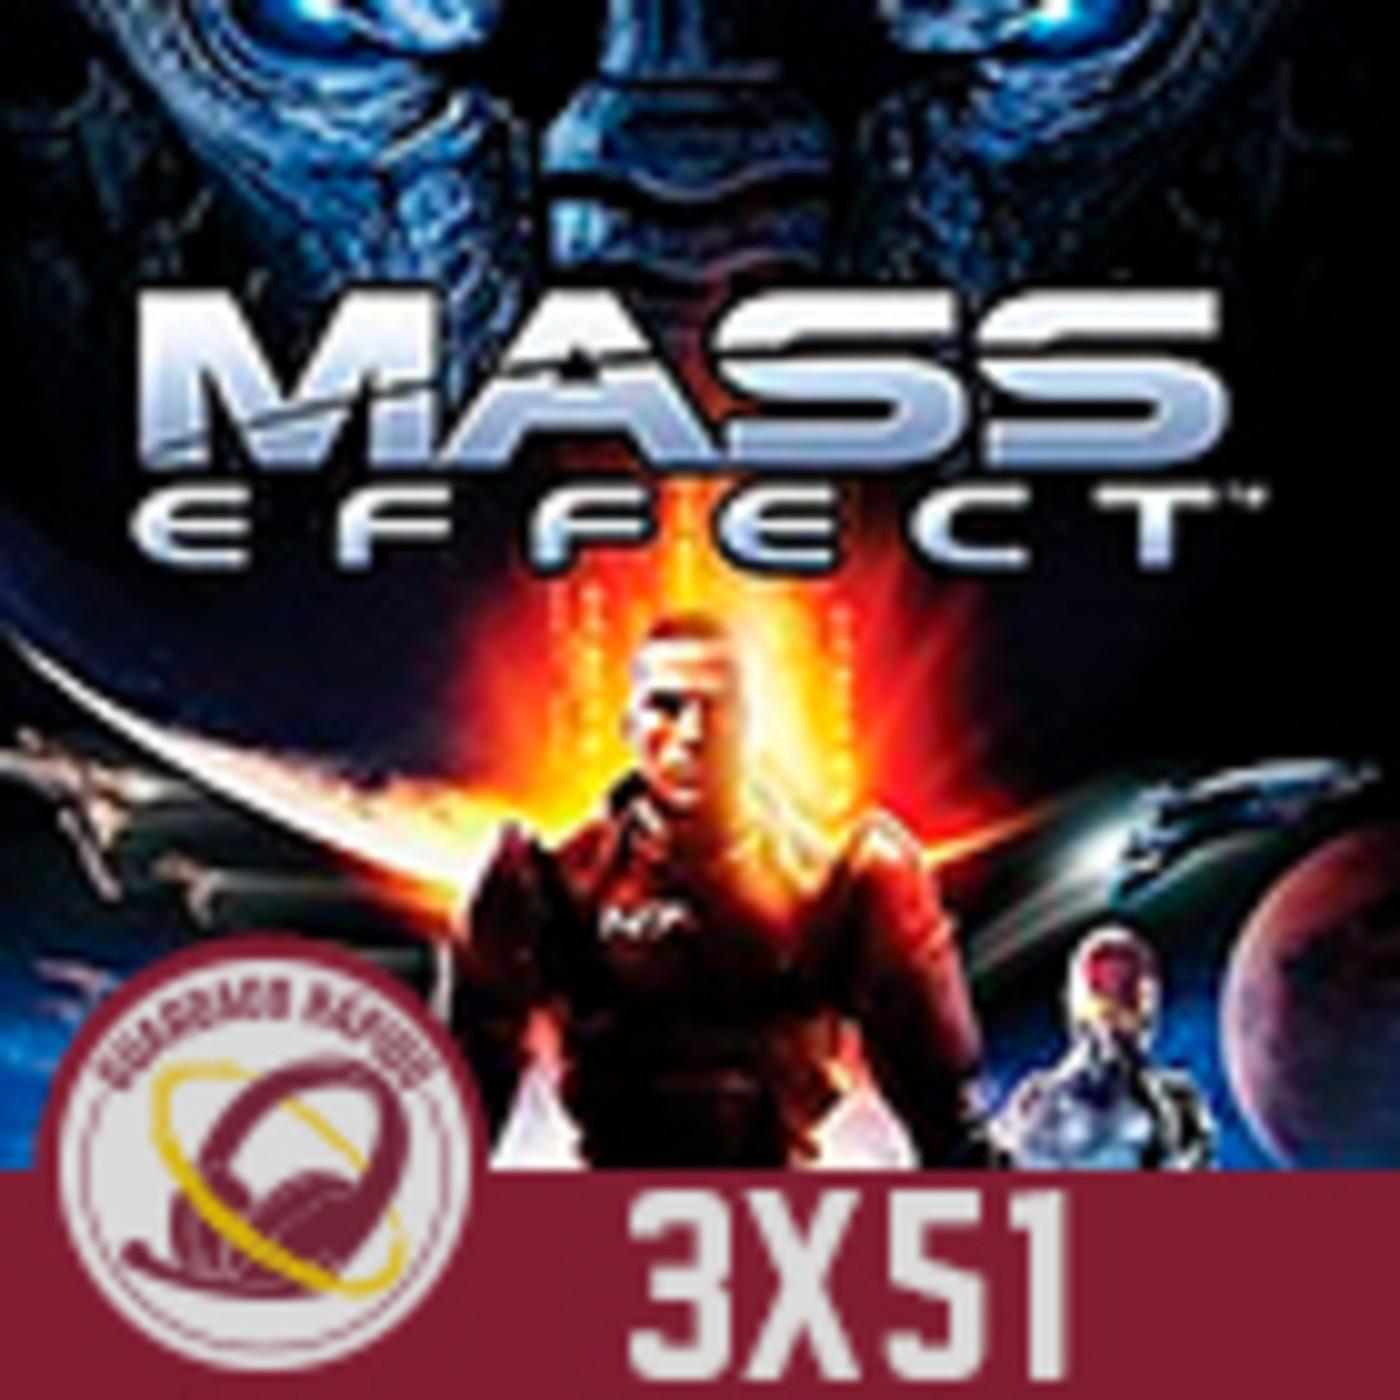 GR (3X51) ESPECIAL: MASS EFFECT (La Saga al Completo)